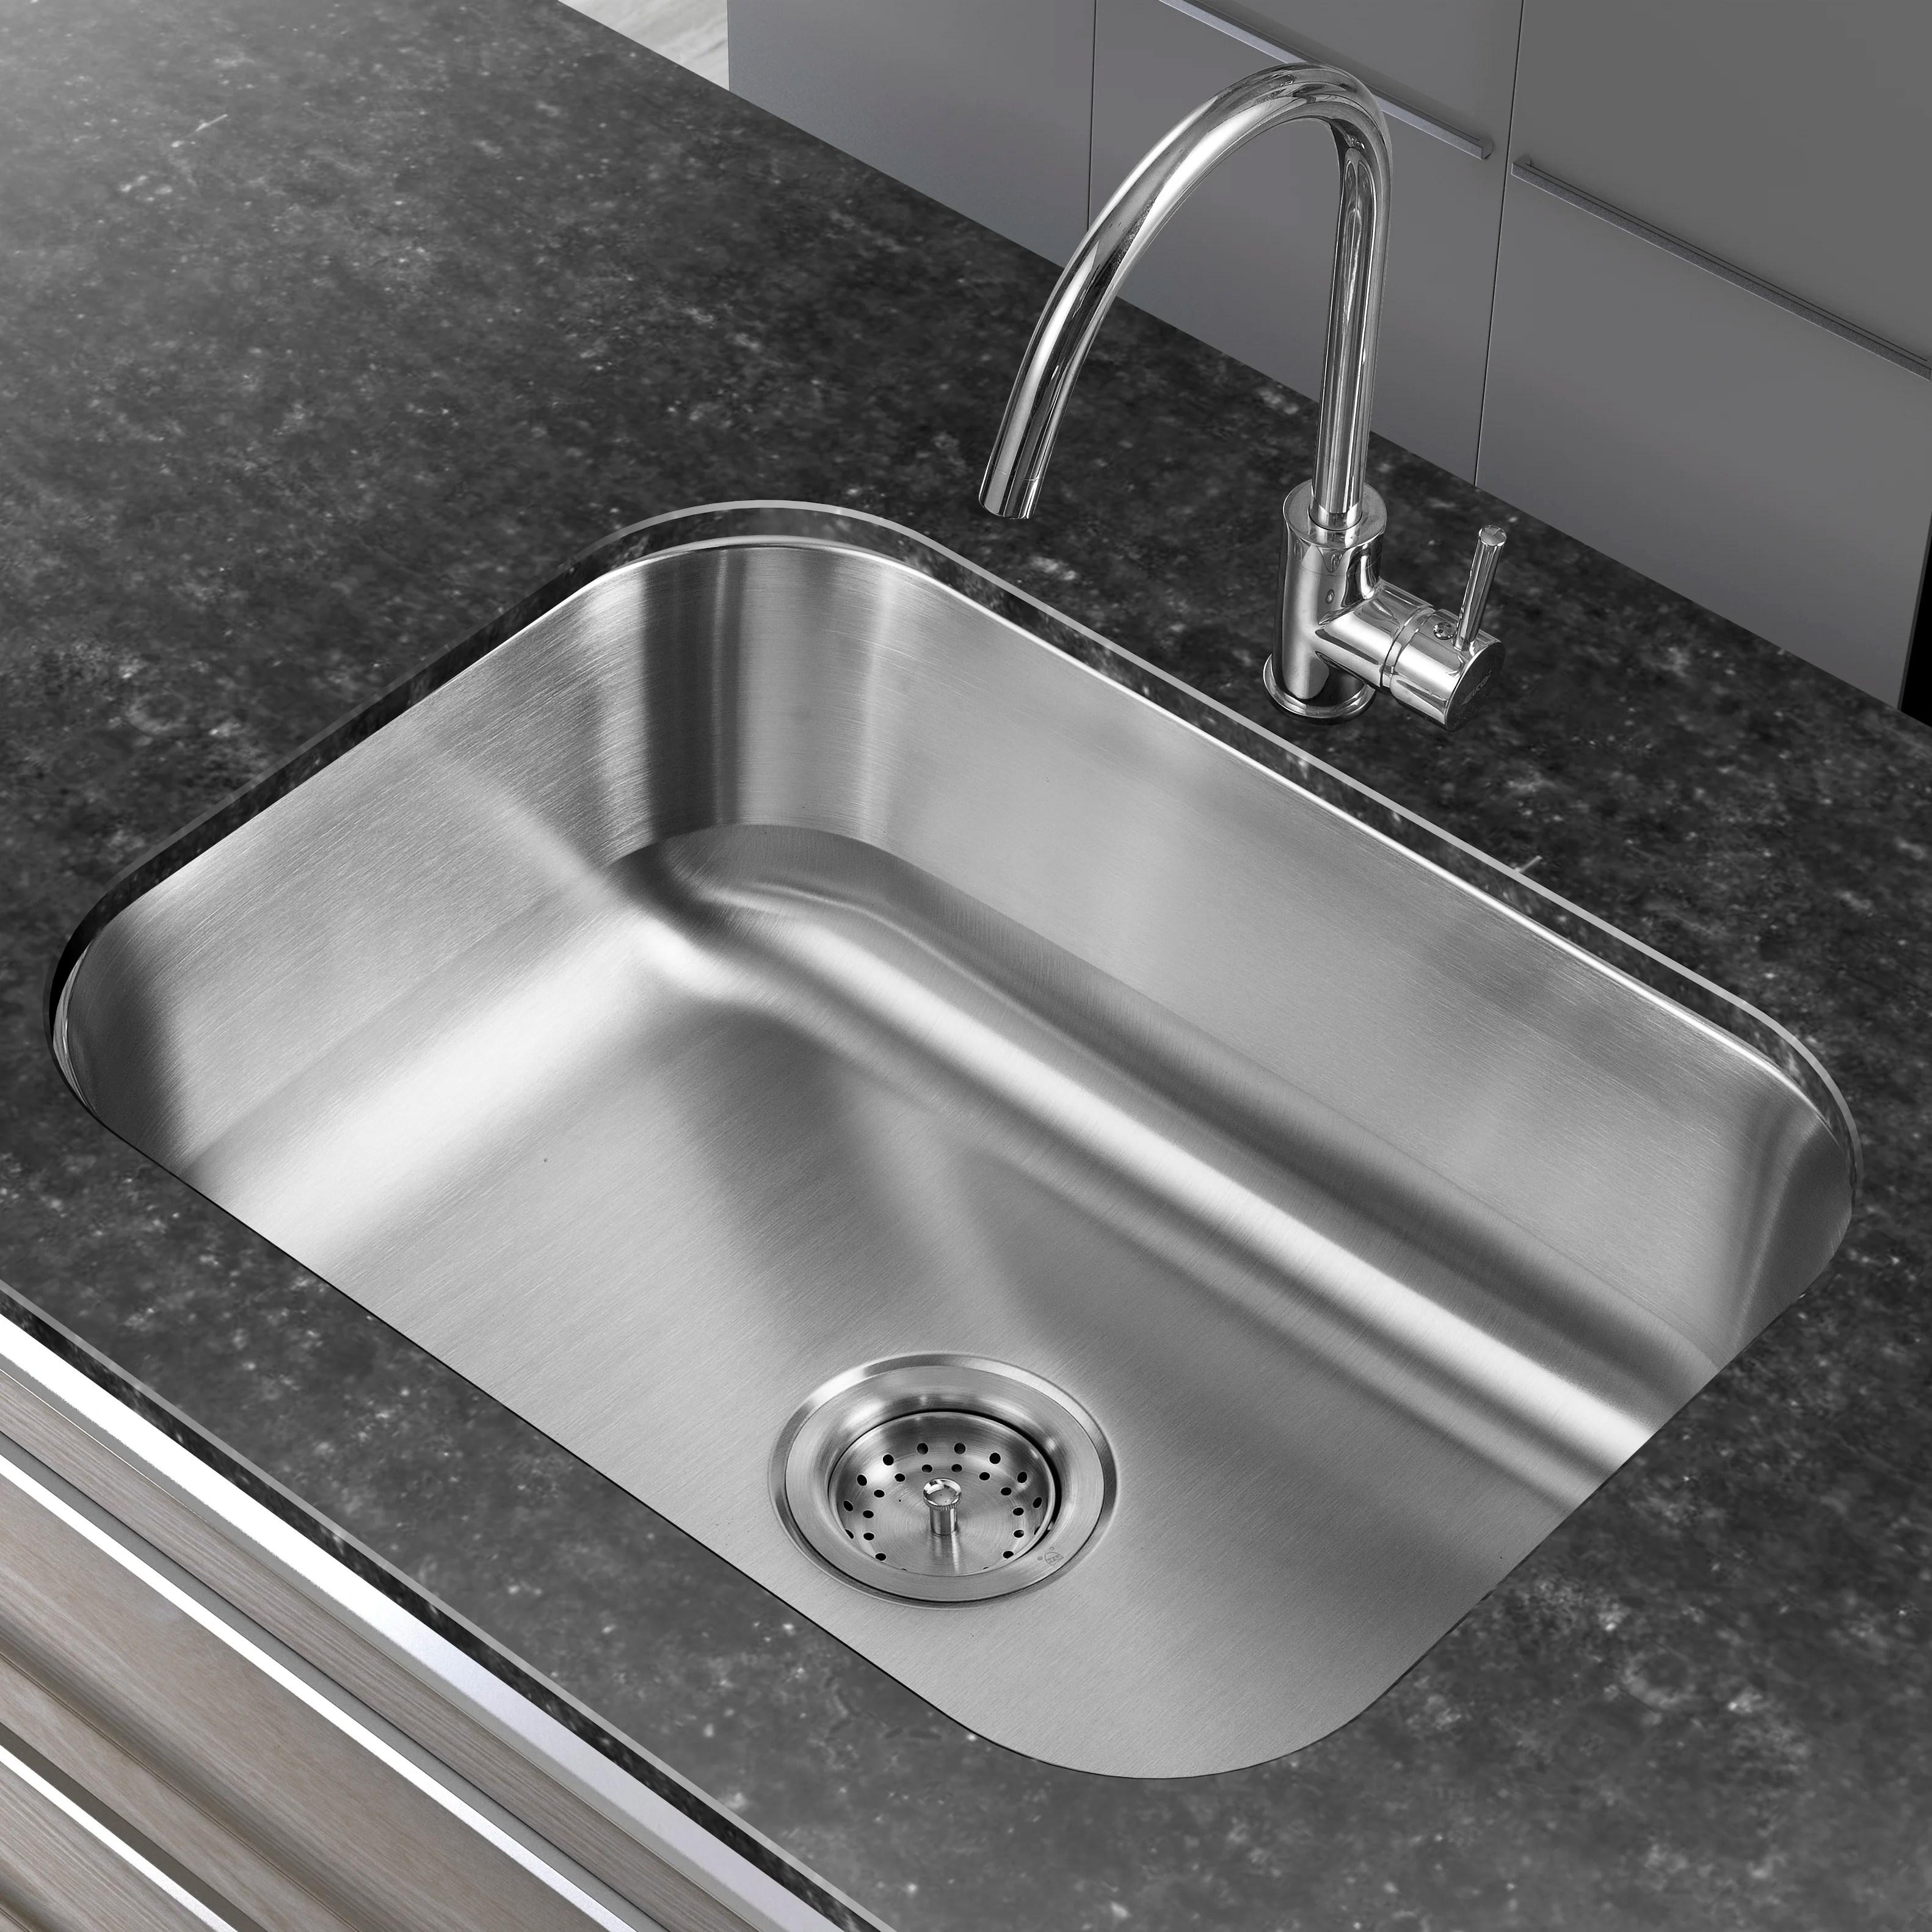 keyword hahn kitchen sinks 23 38 17 75 Single Basin Undermount Kitchen Sink